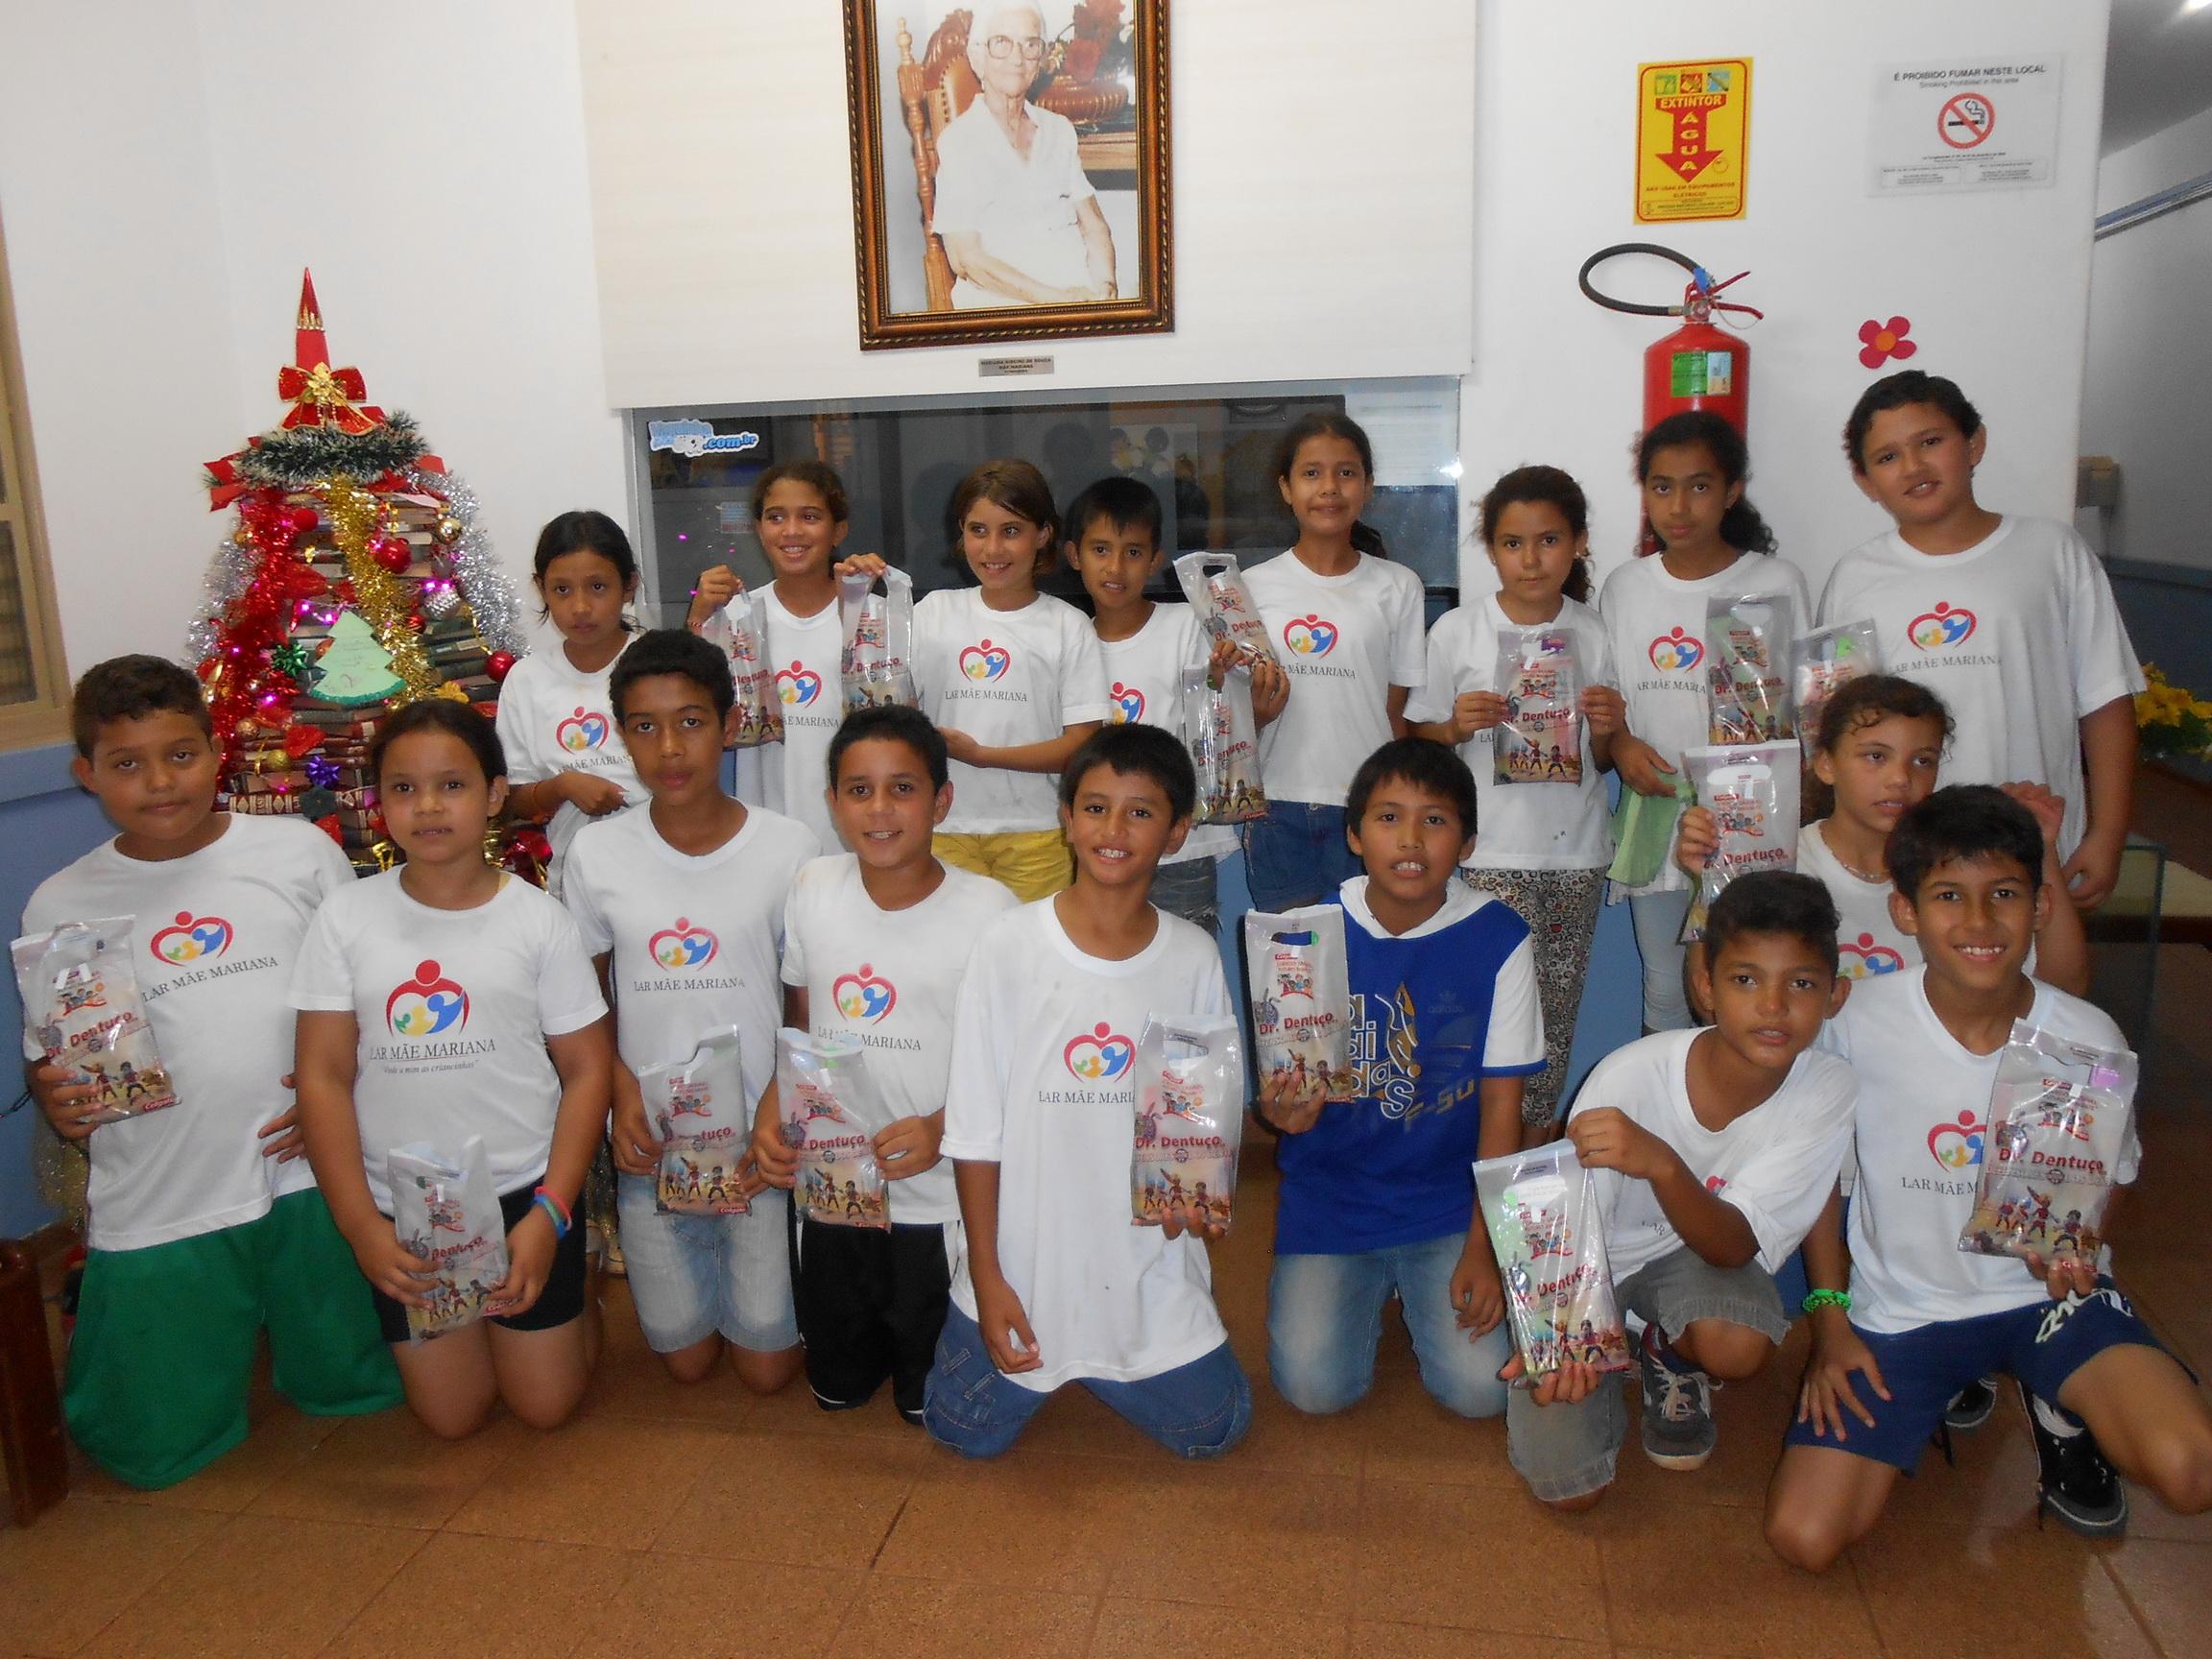 Crianças do Lar Mãe Mariana recebem doações da ABO-MS